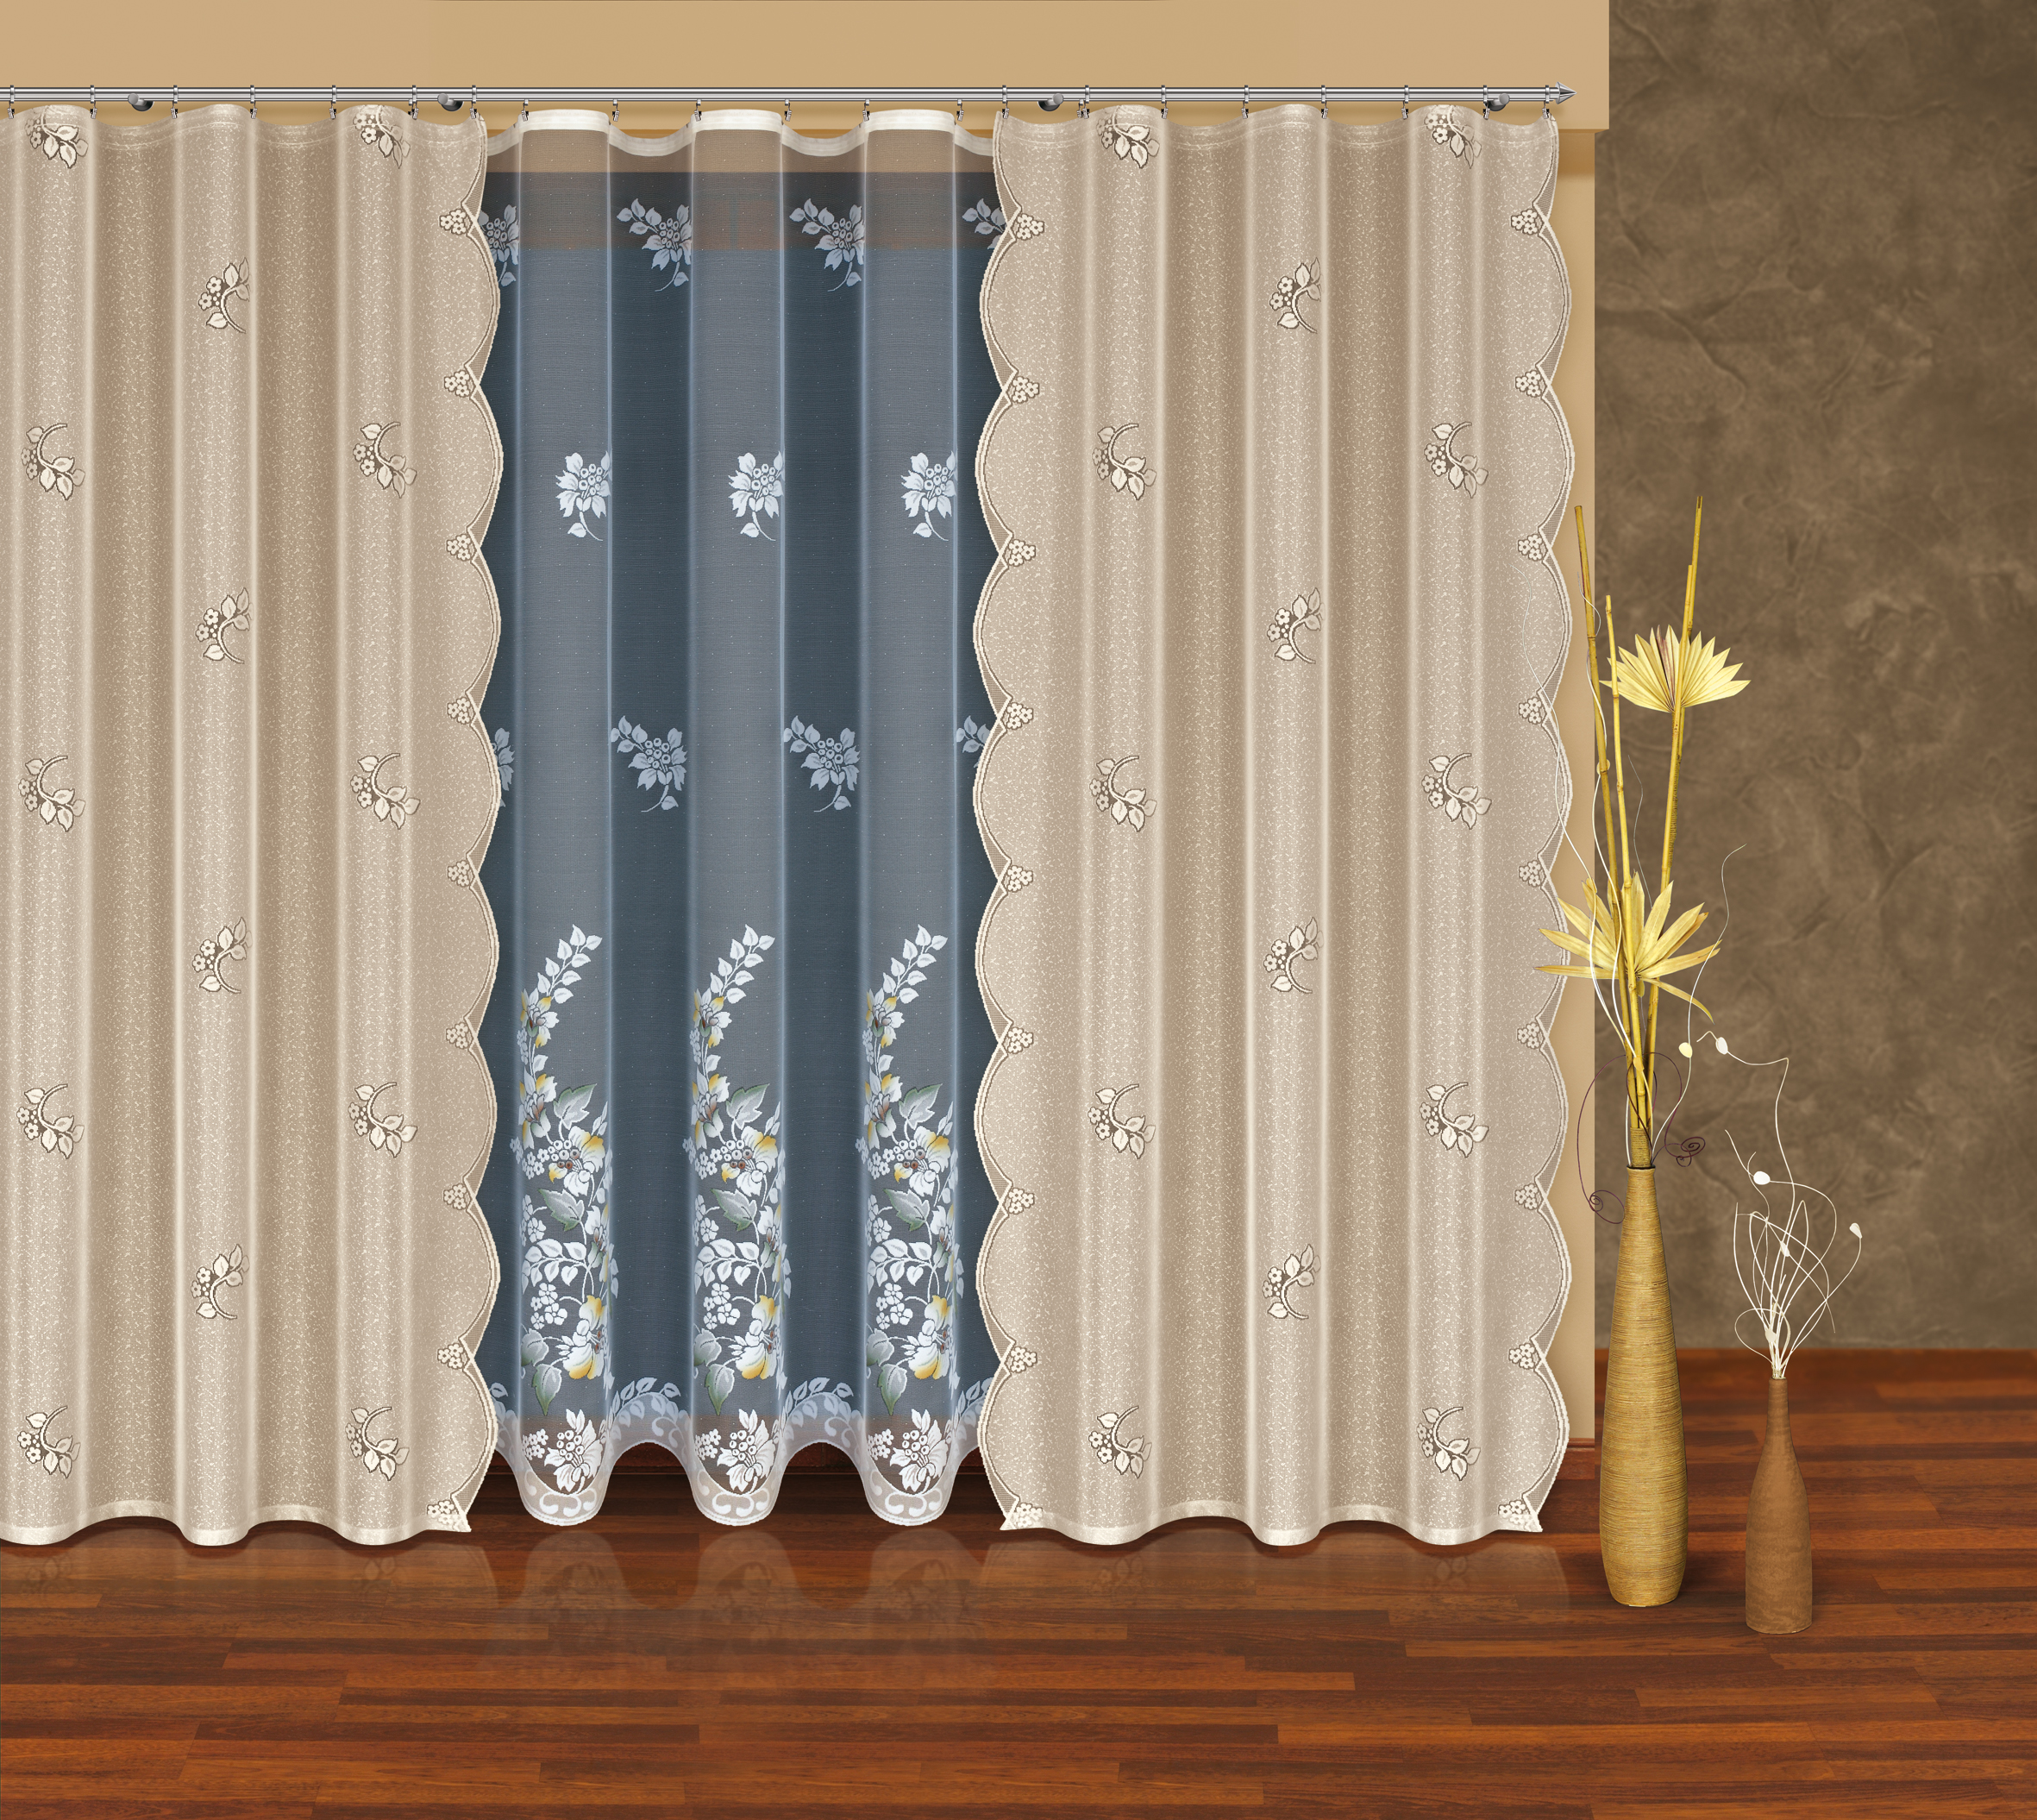 Комплект штор HAFT 250*500+250*145*2. 203940/250GC013/00Комплект штор XAFT 250*500+250*145*2. 203940/250Материал: 100% п/э, размер: 250*500+250*145*2, цвет: серый